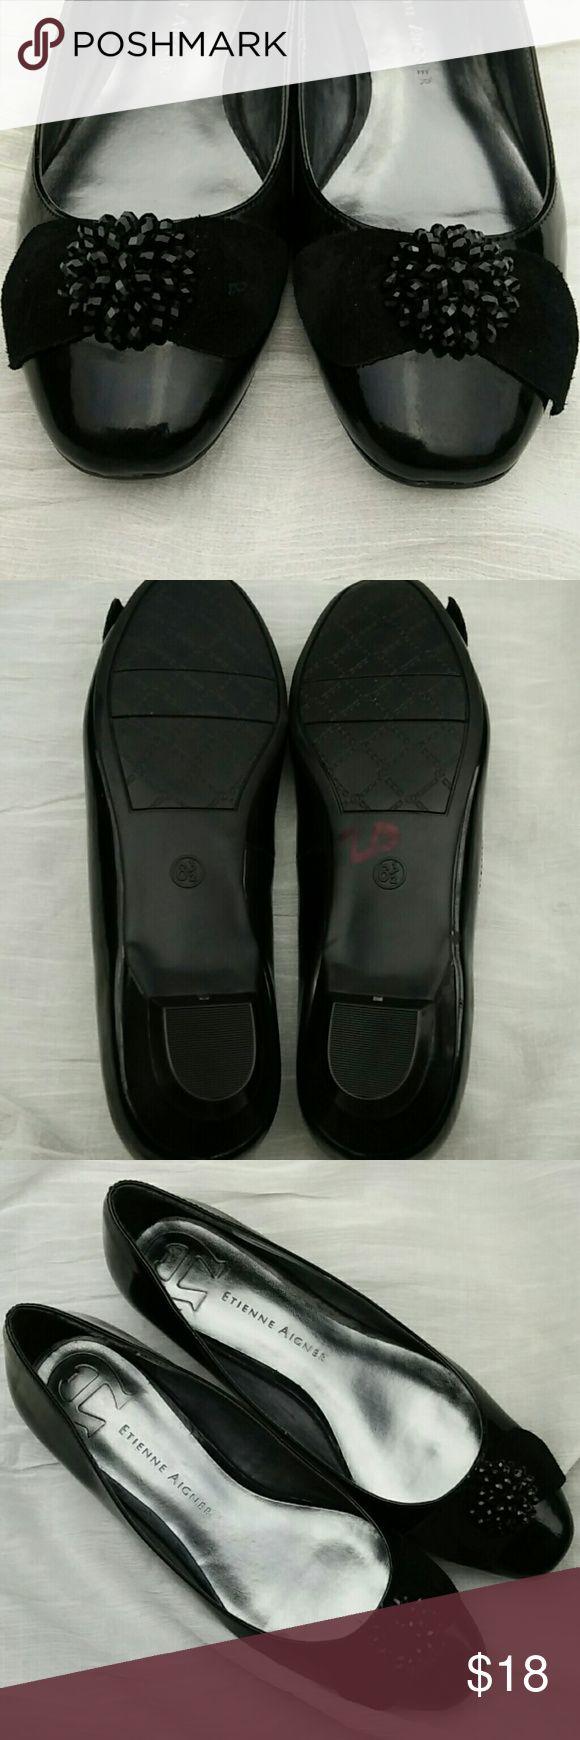 Etienne aigner black leather gloves - Etienne Aigner Flats Shoes